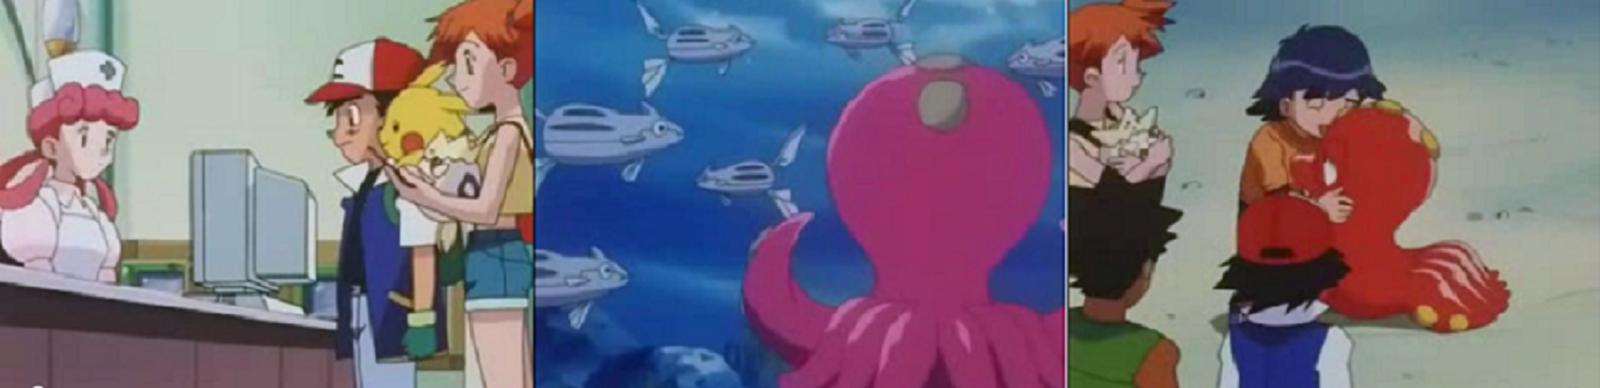 Pokemon Capitulo 6 Temporada 5 Octillery Y Sus Amigos